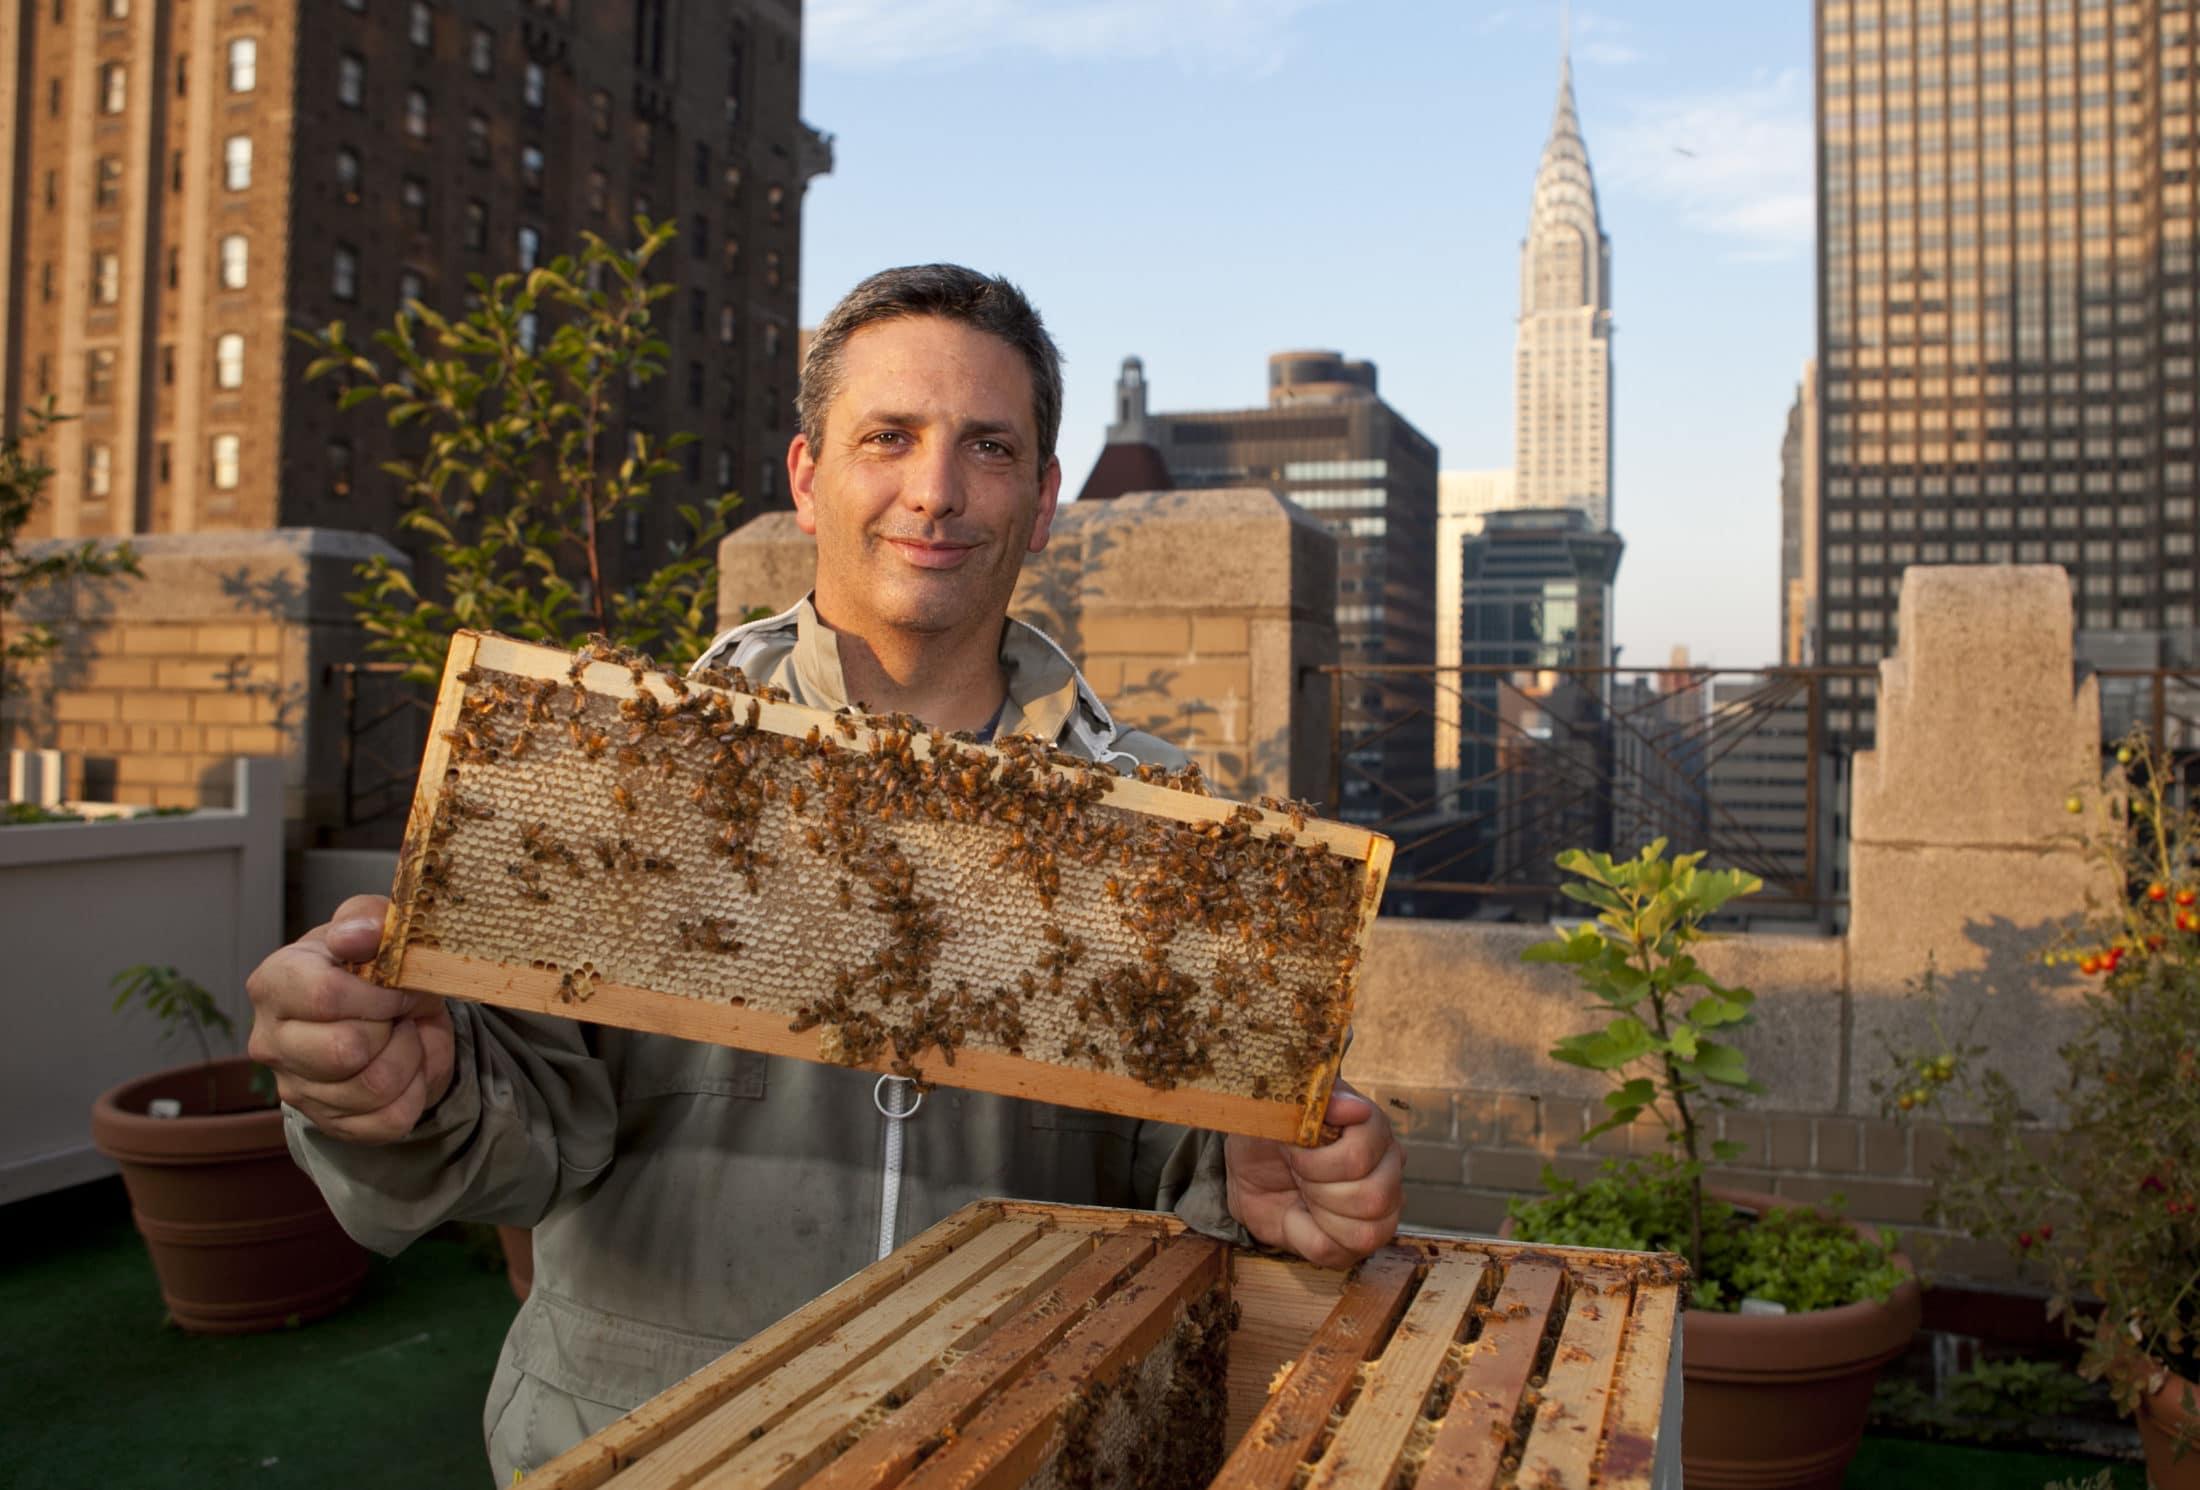 Gerillaakciókból új jelenség: Városi méhészek, szevasztok!